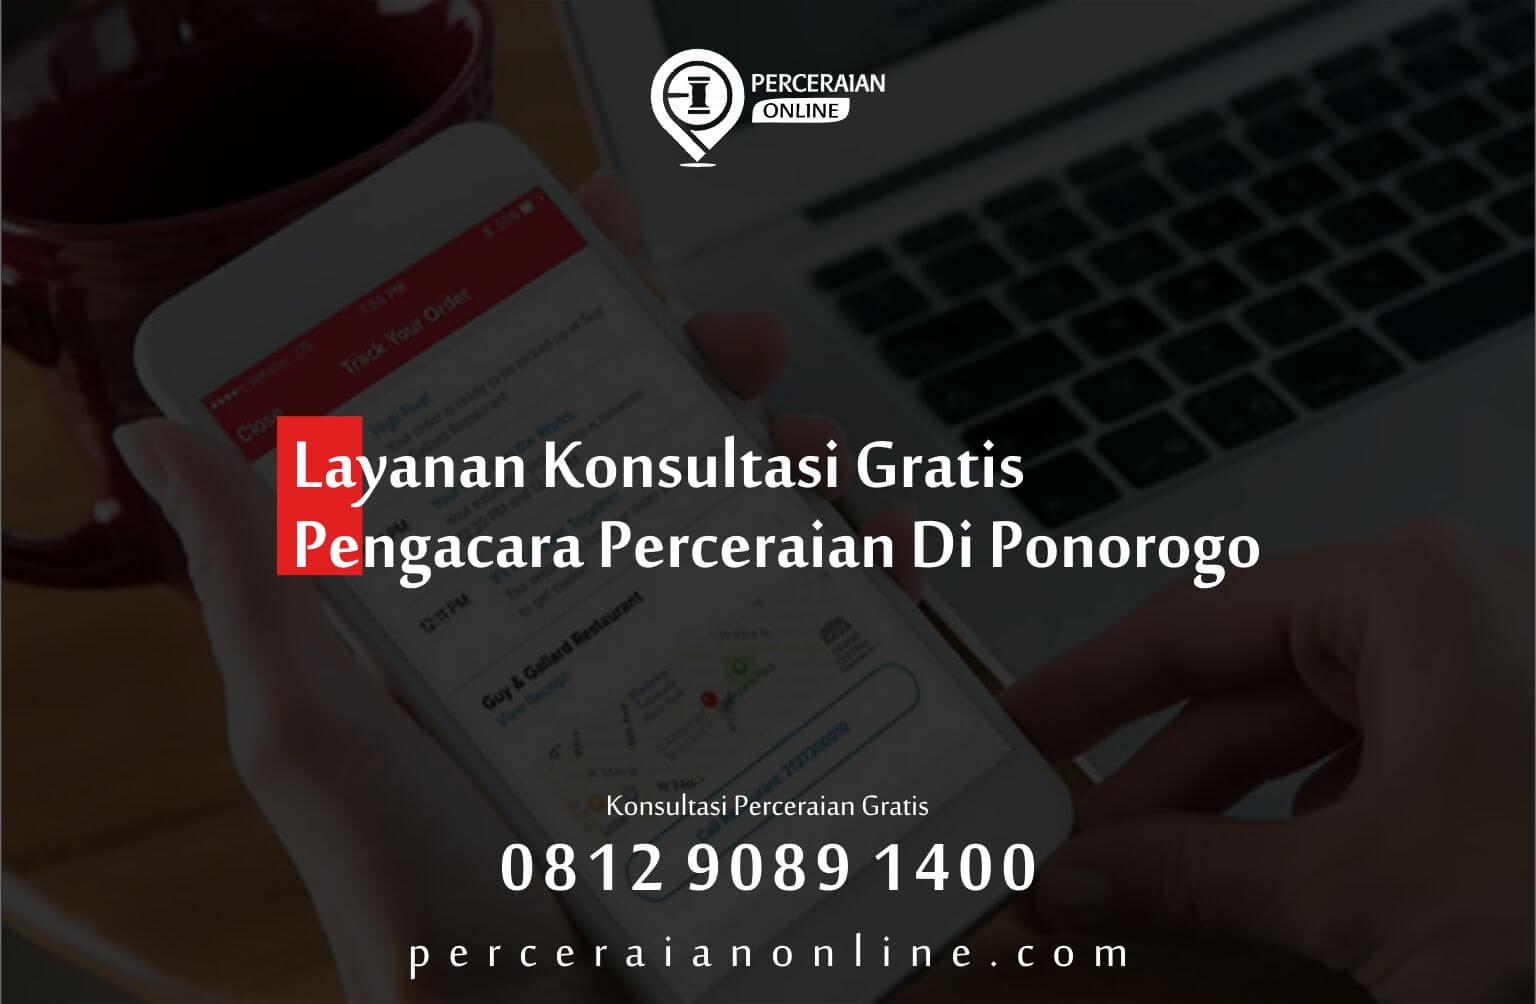 Layanan Konsultasi Gratis Pengacara Perceraian Di Ponorogo